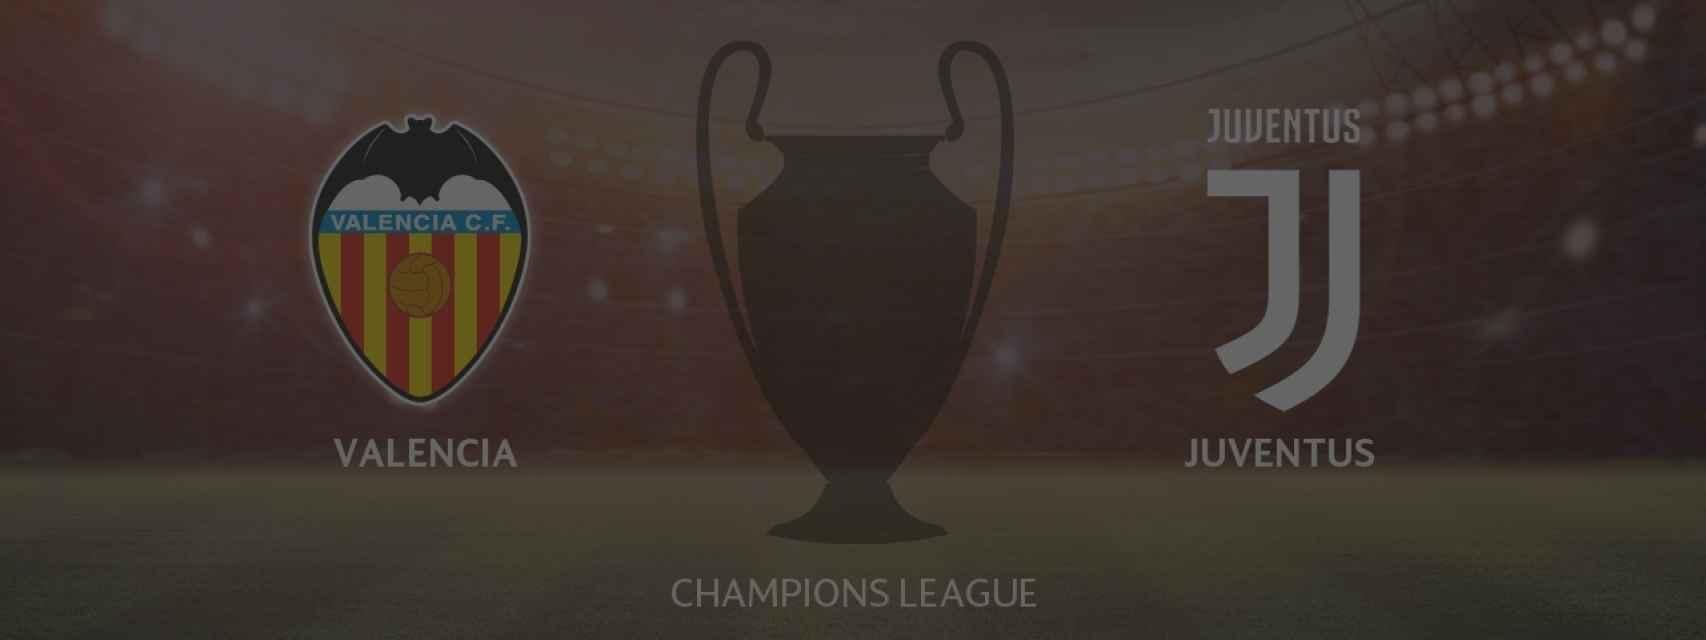 Valencia - Juventus, siga en directo el partido de la Champions League